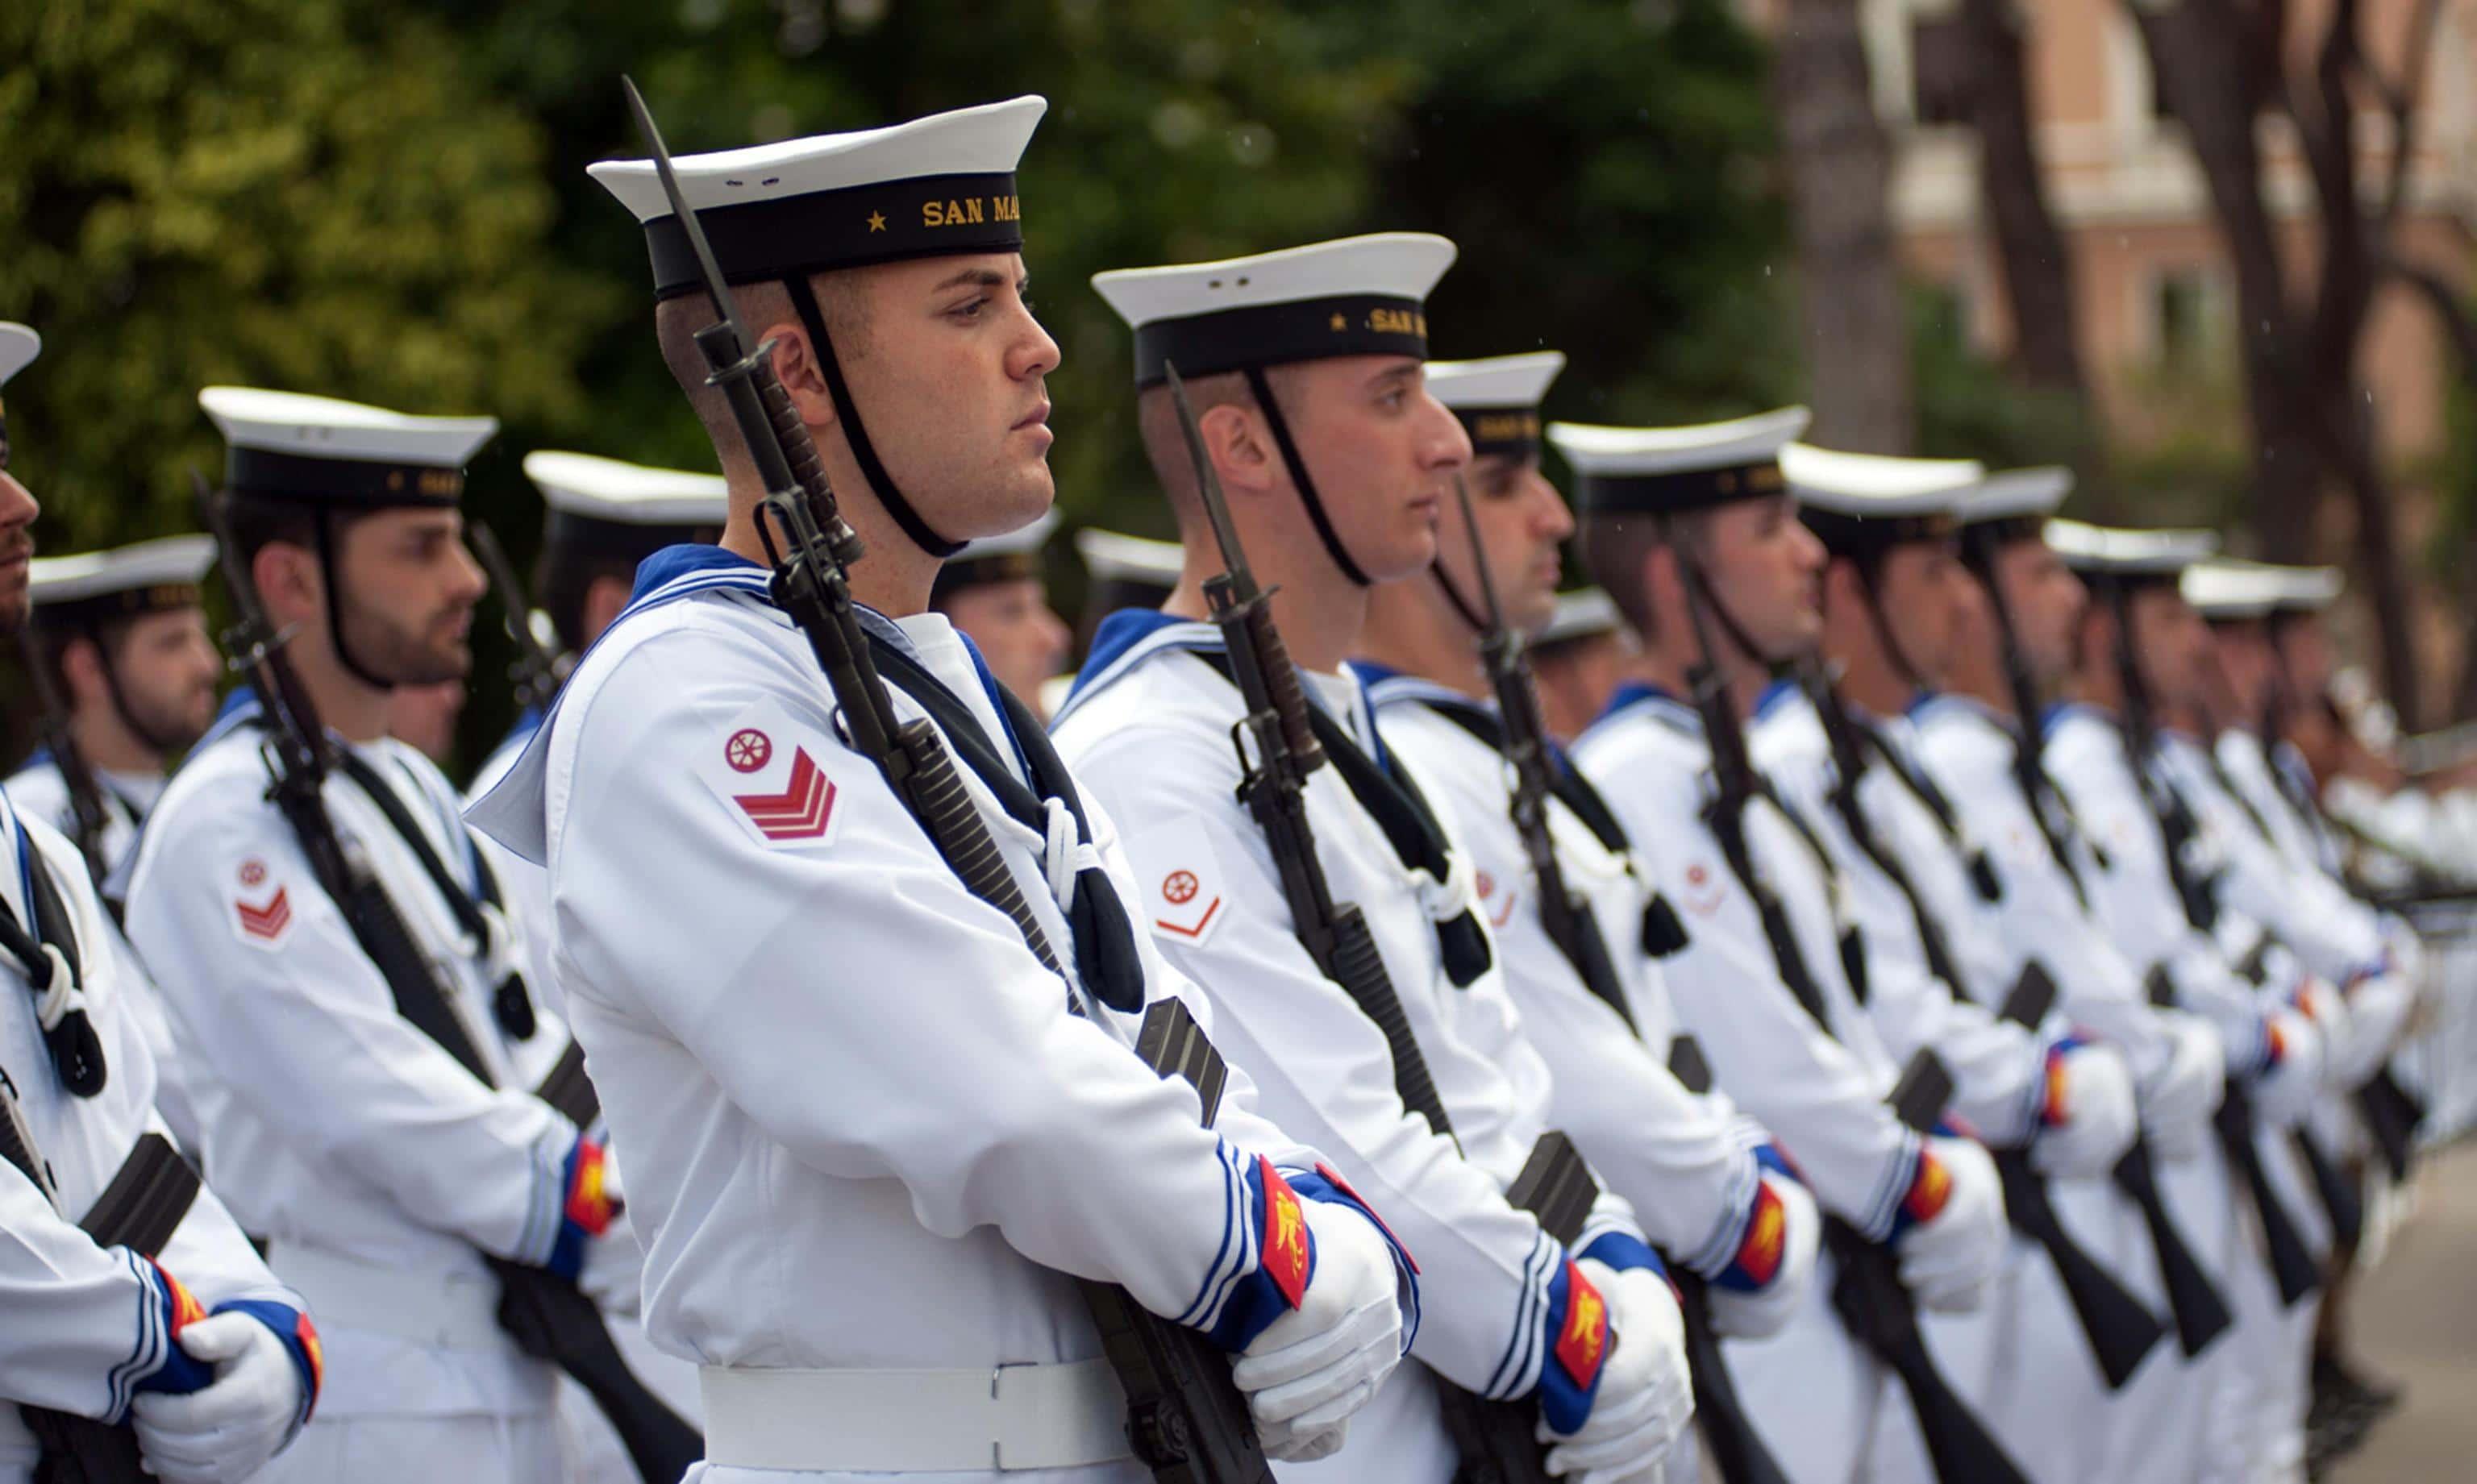 Marina Militare concorso